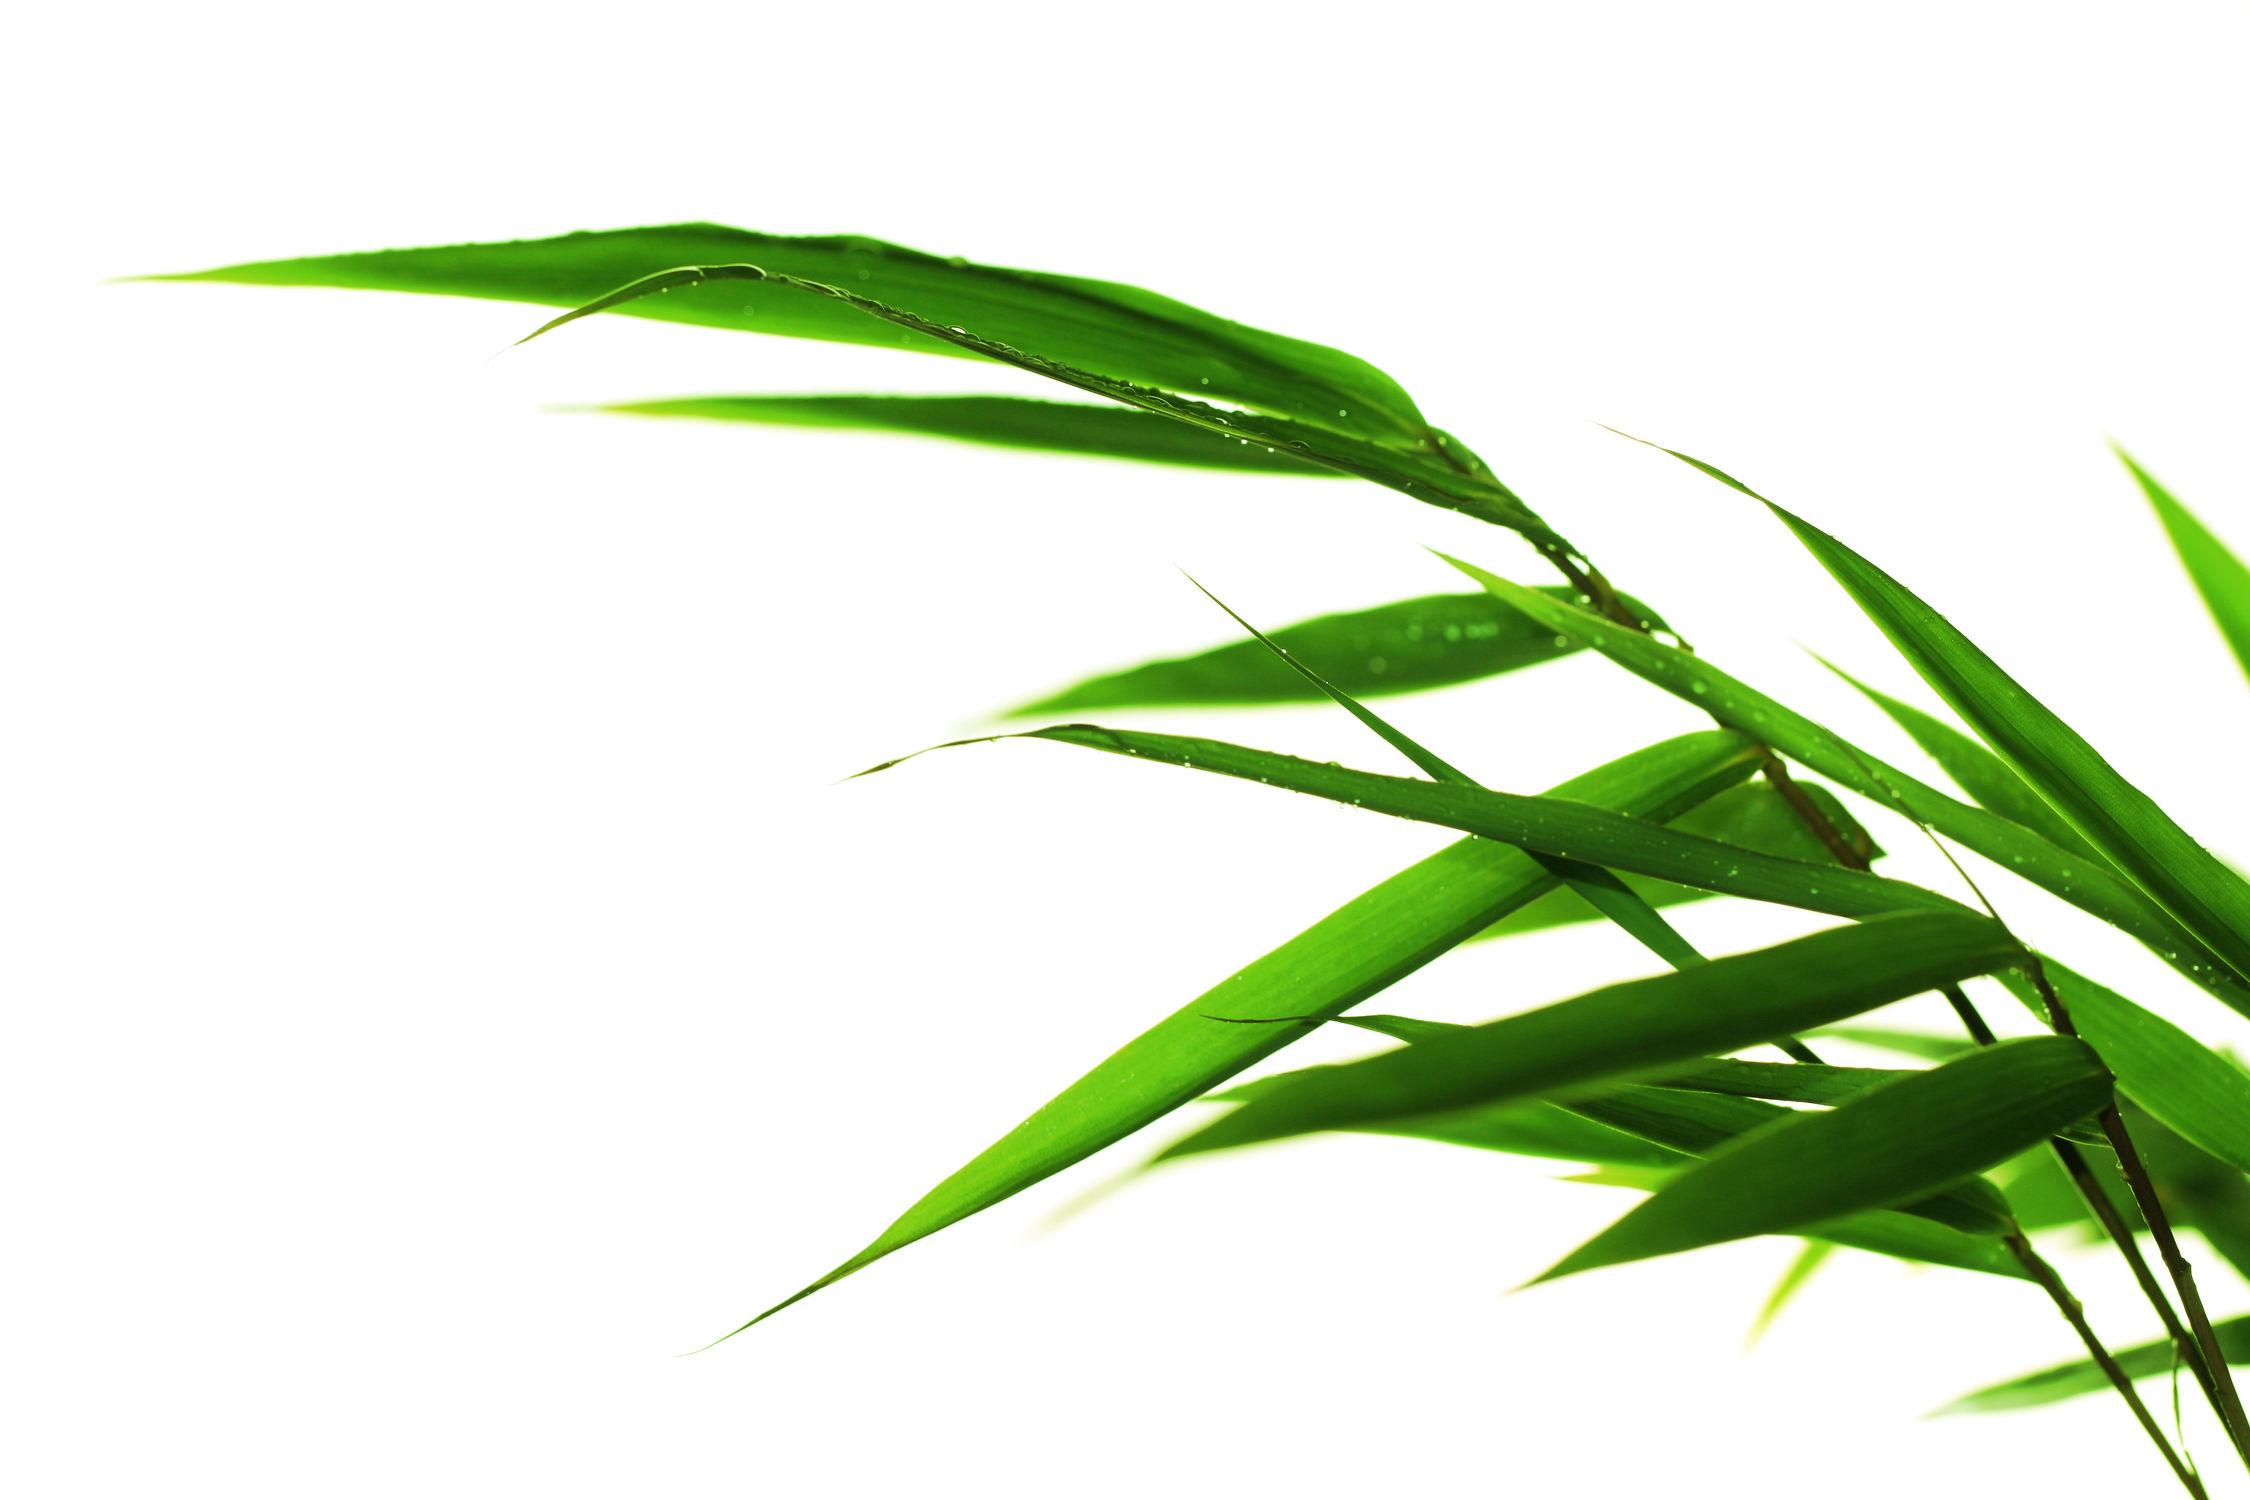 Bild mit Natur, Wälder, Bambus, Wald, Blätter, Wassertropfen, Regentropfen, Tropfen, bambuswald, Bambusblätter